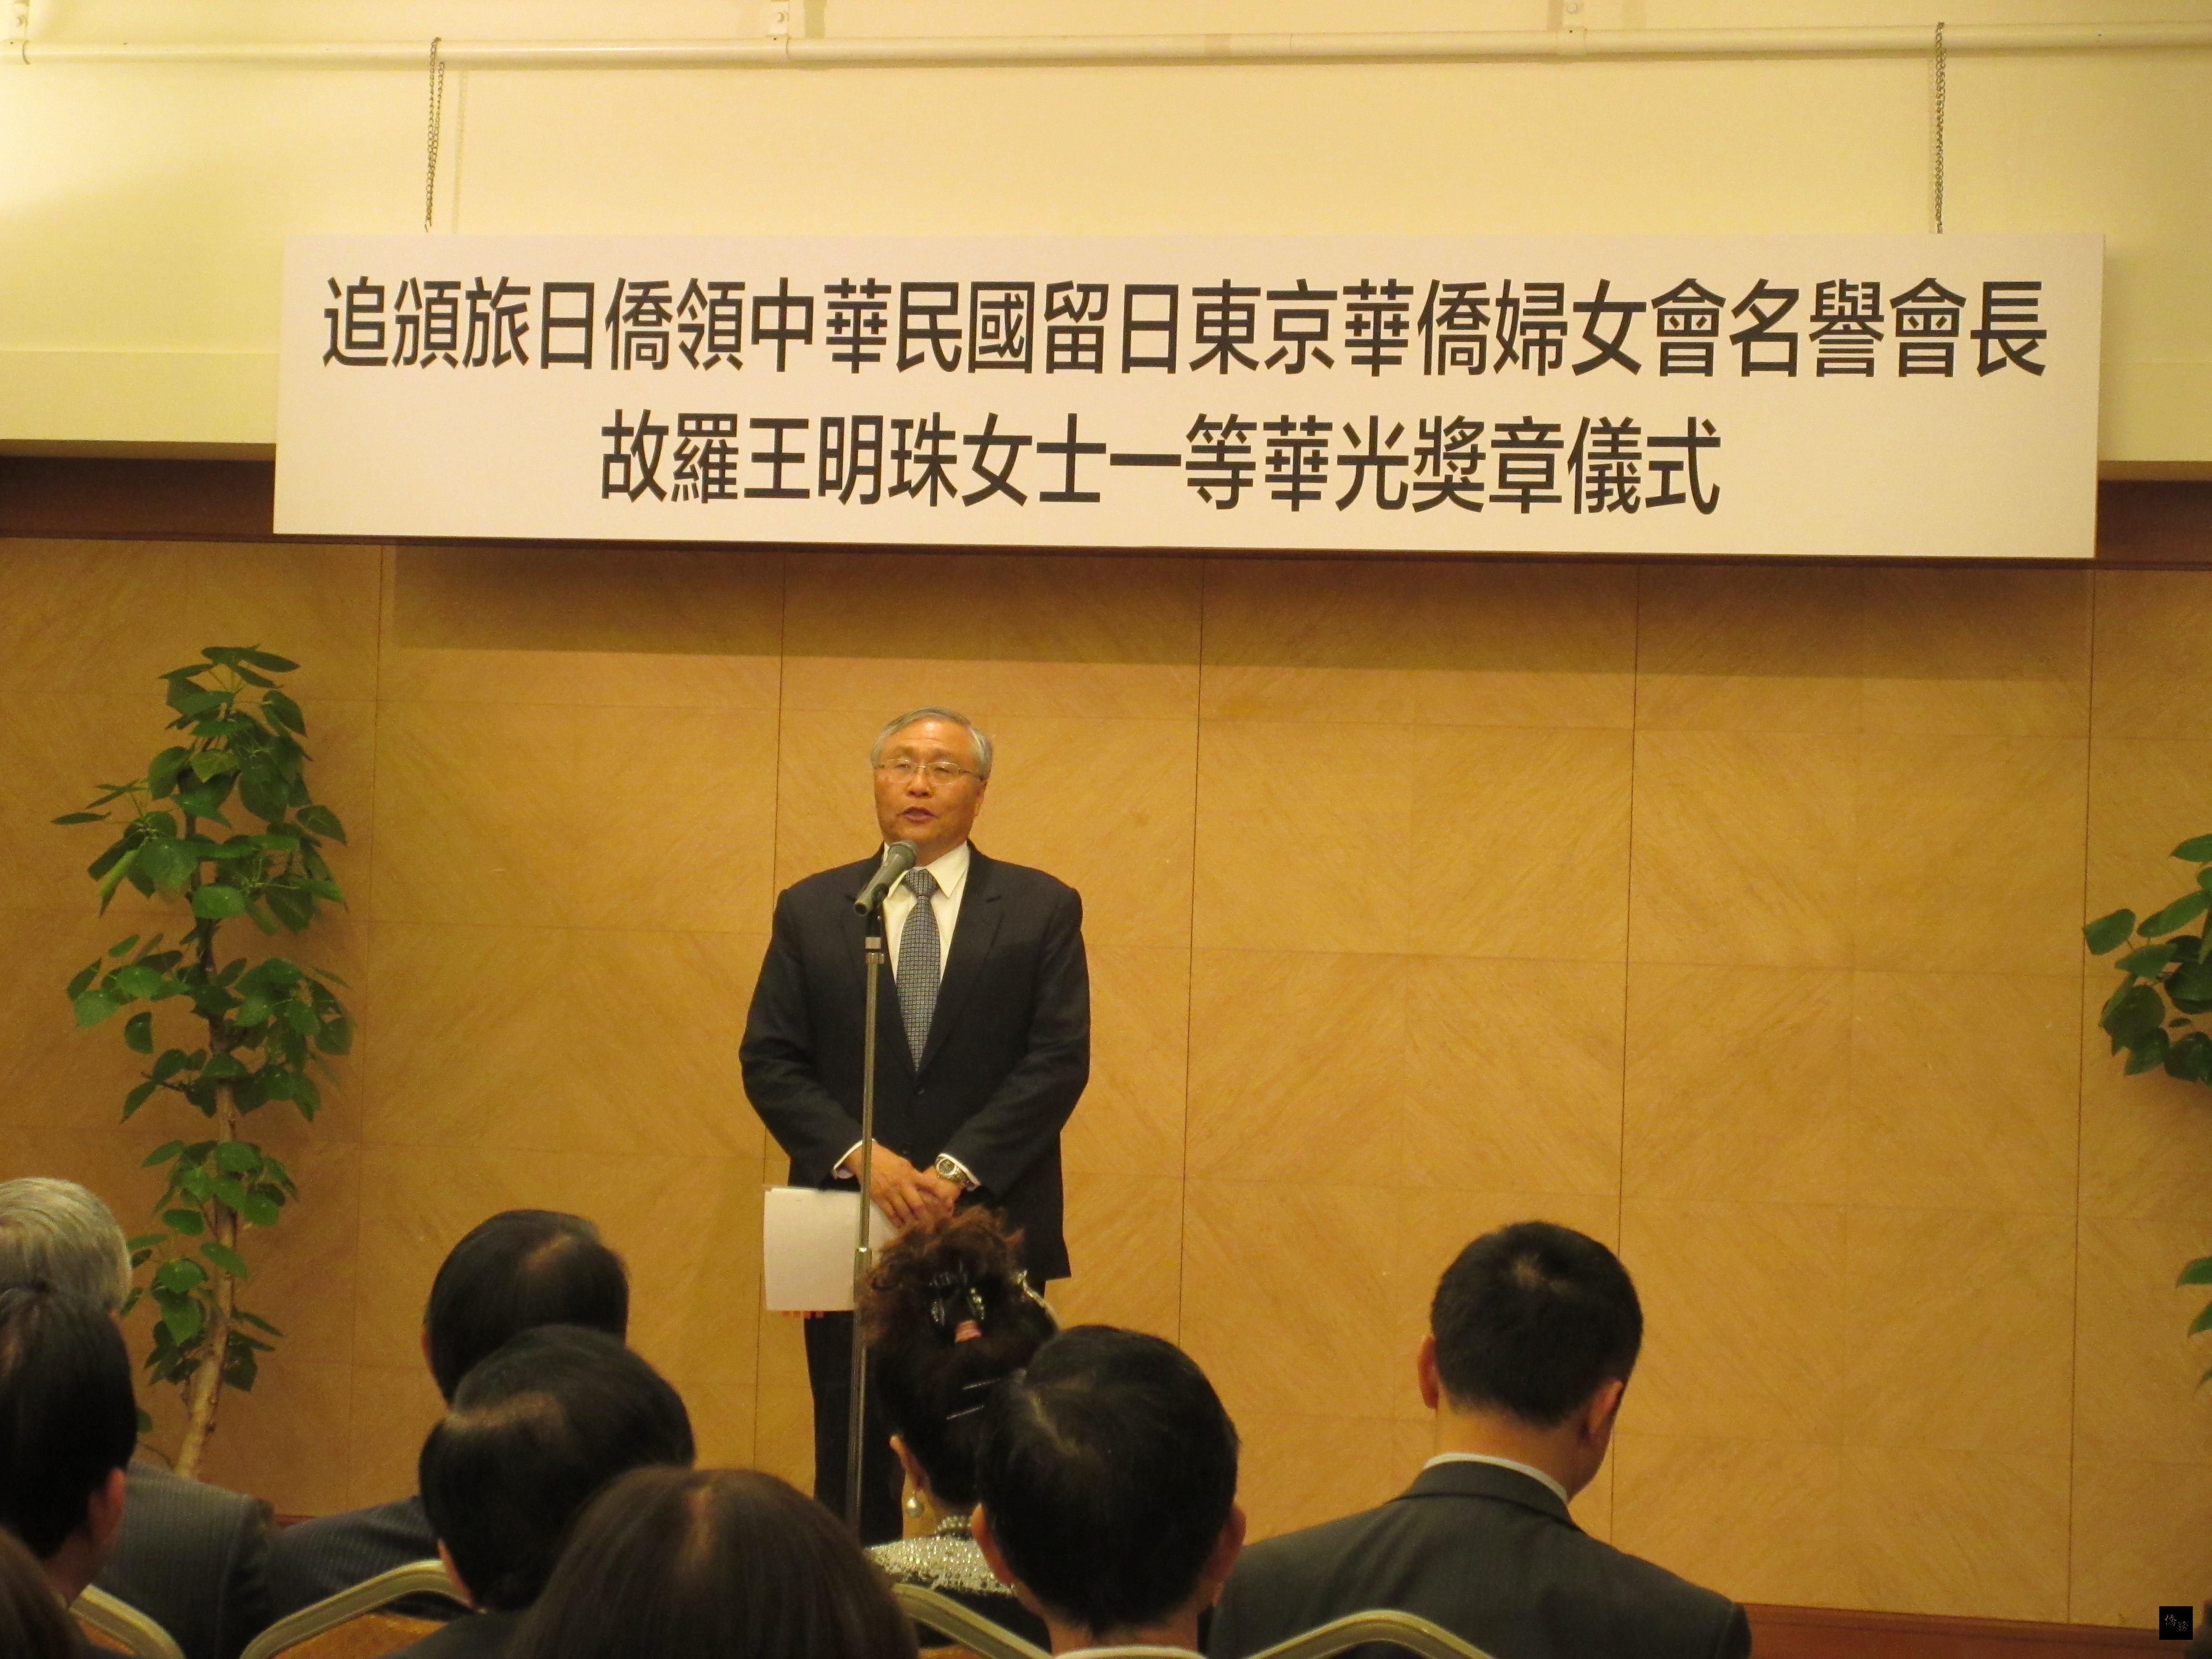 僑務委員會主任秘書張良民致詞時感念旅日僑領羅王明珠對僑社的貢獻。(駐日本代表處提供)